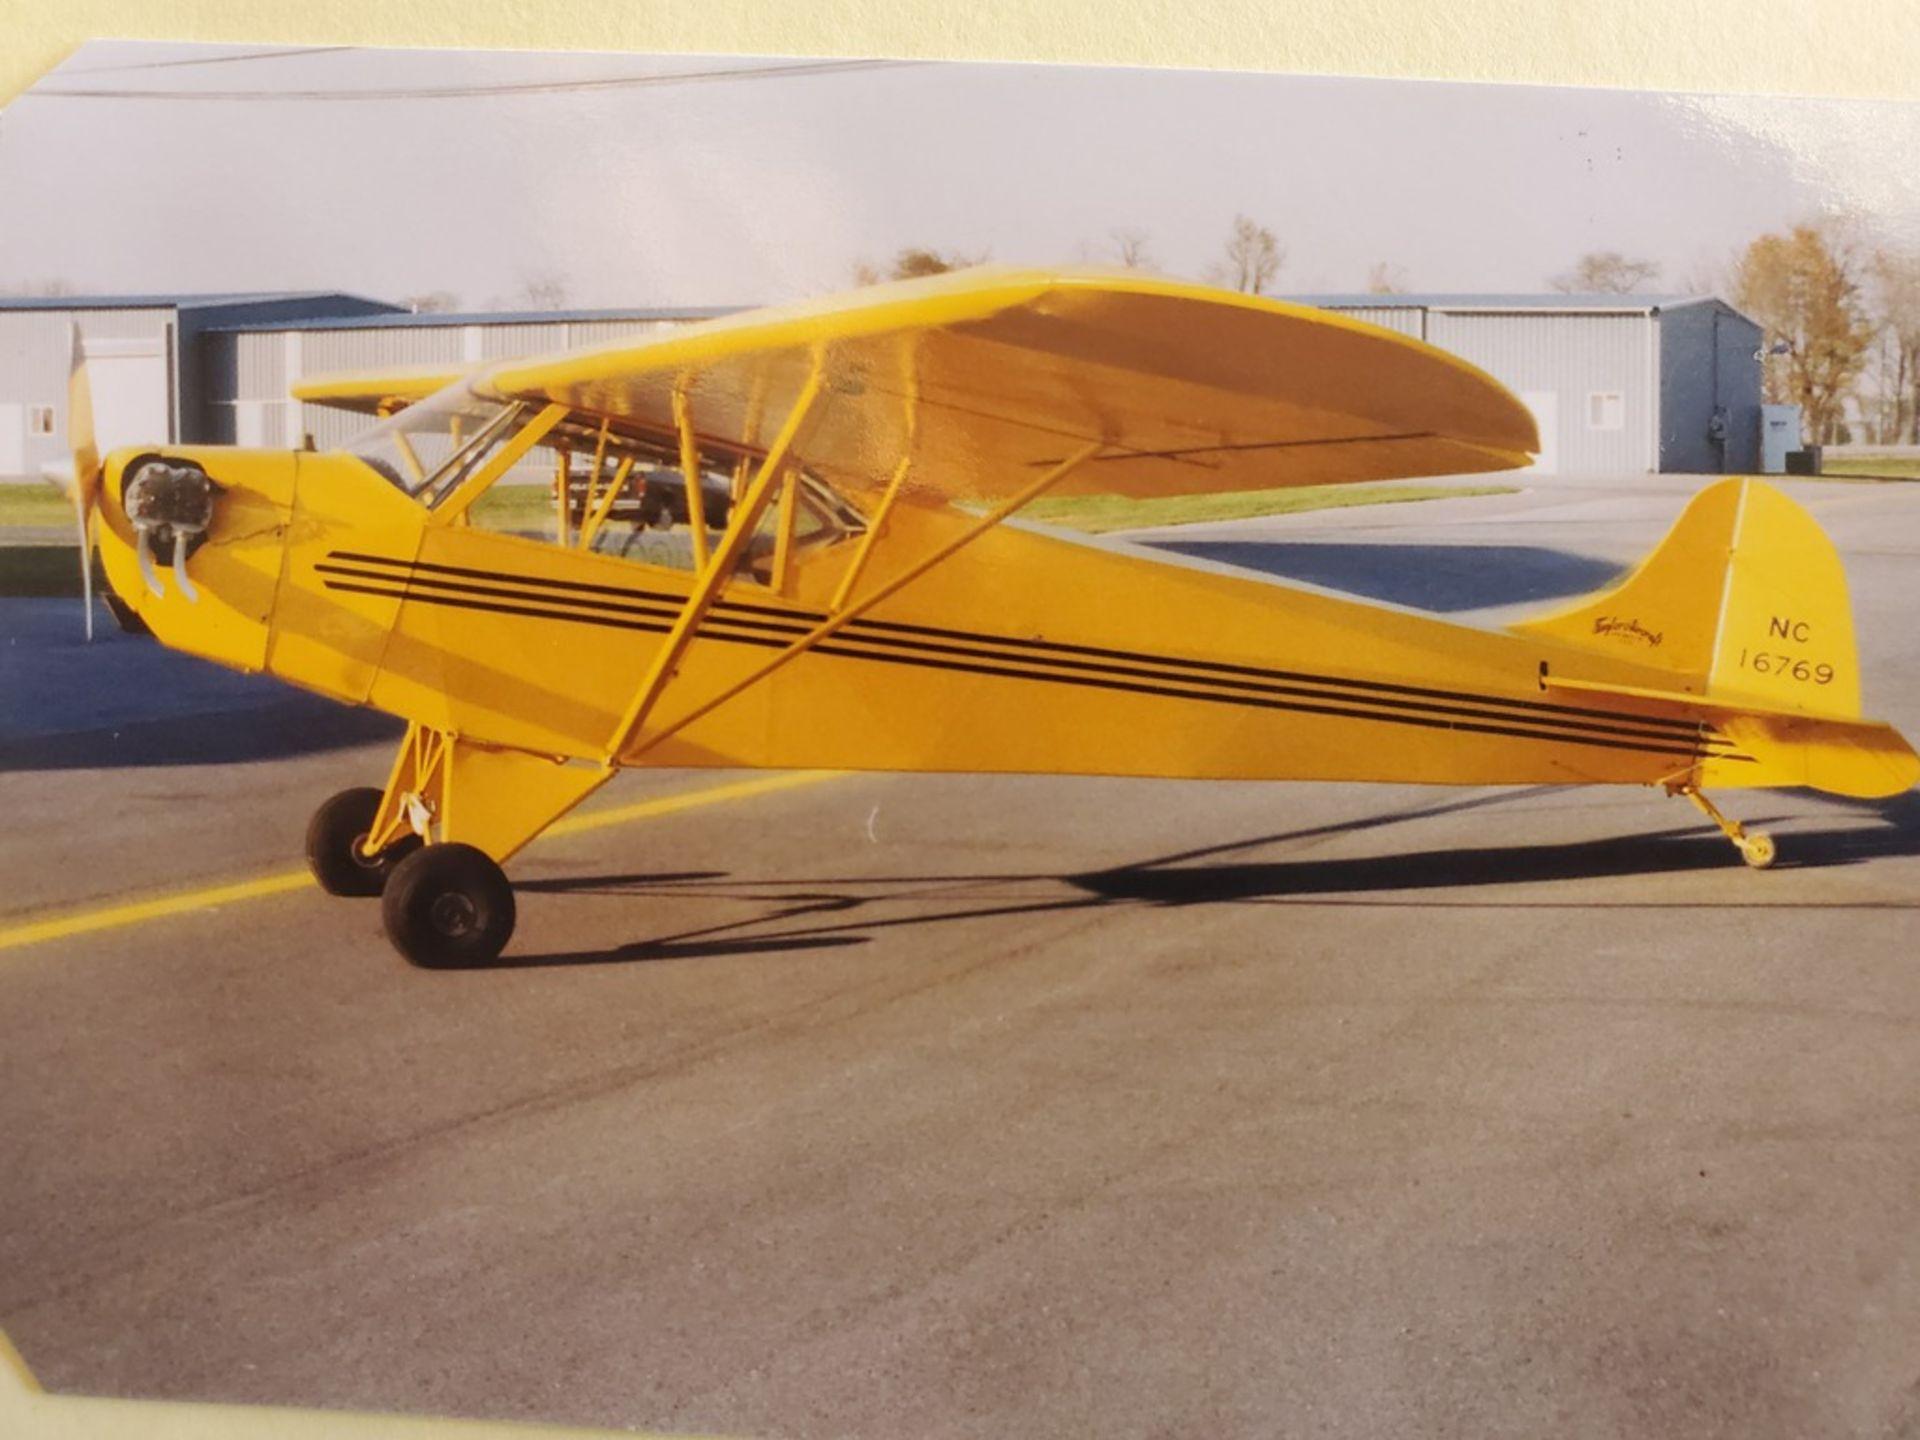 1936 TAYLOR/PIPER J2 CUB N16769 S/N 771